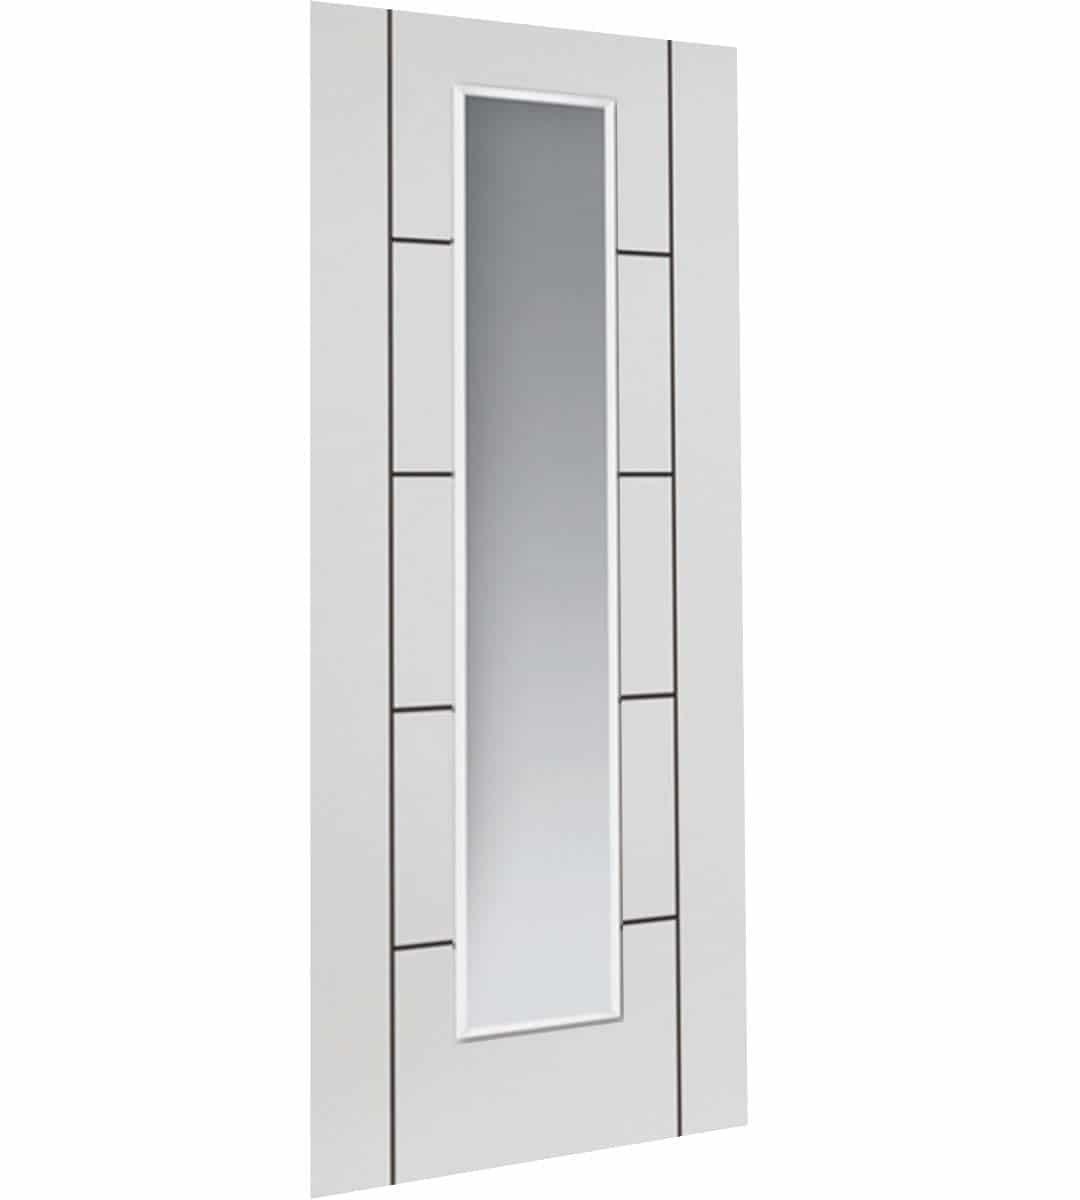 eco linea white glazed interior door